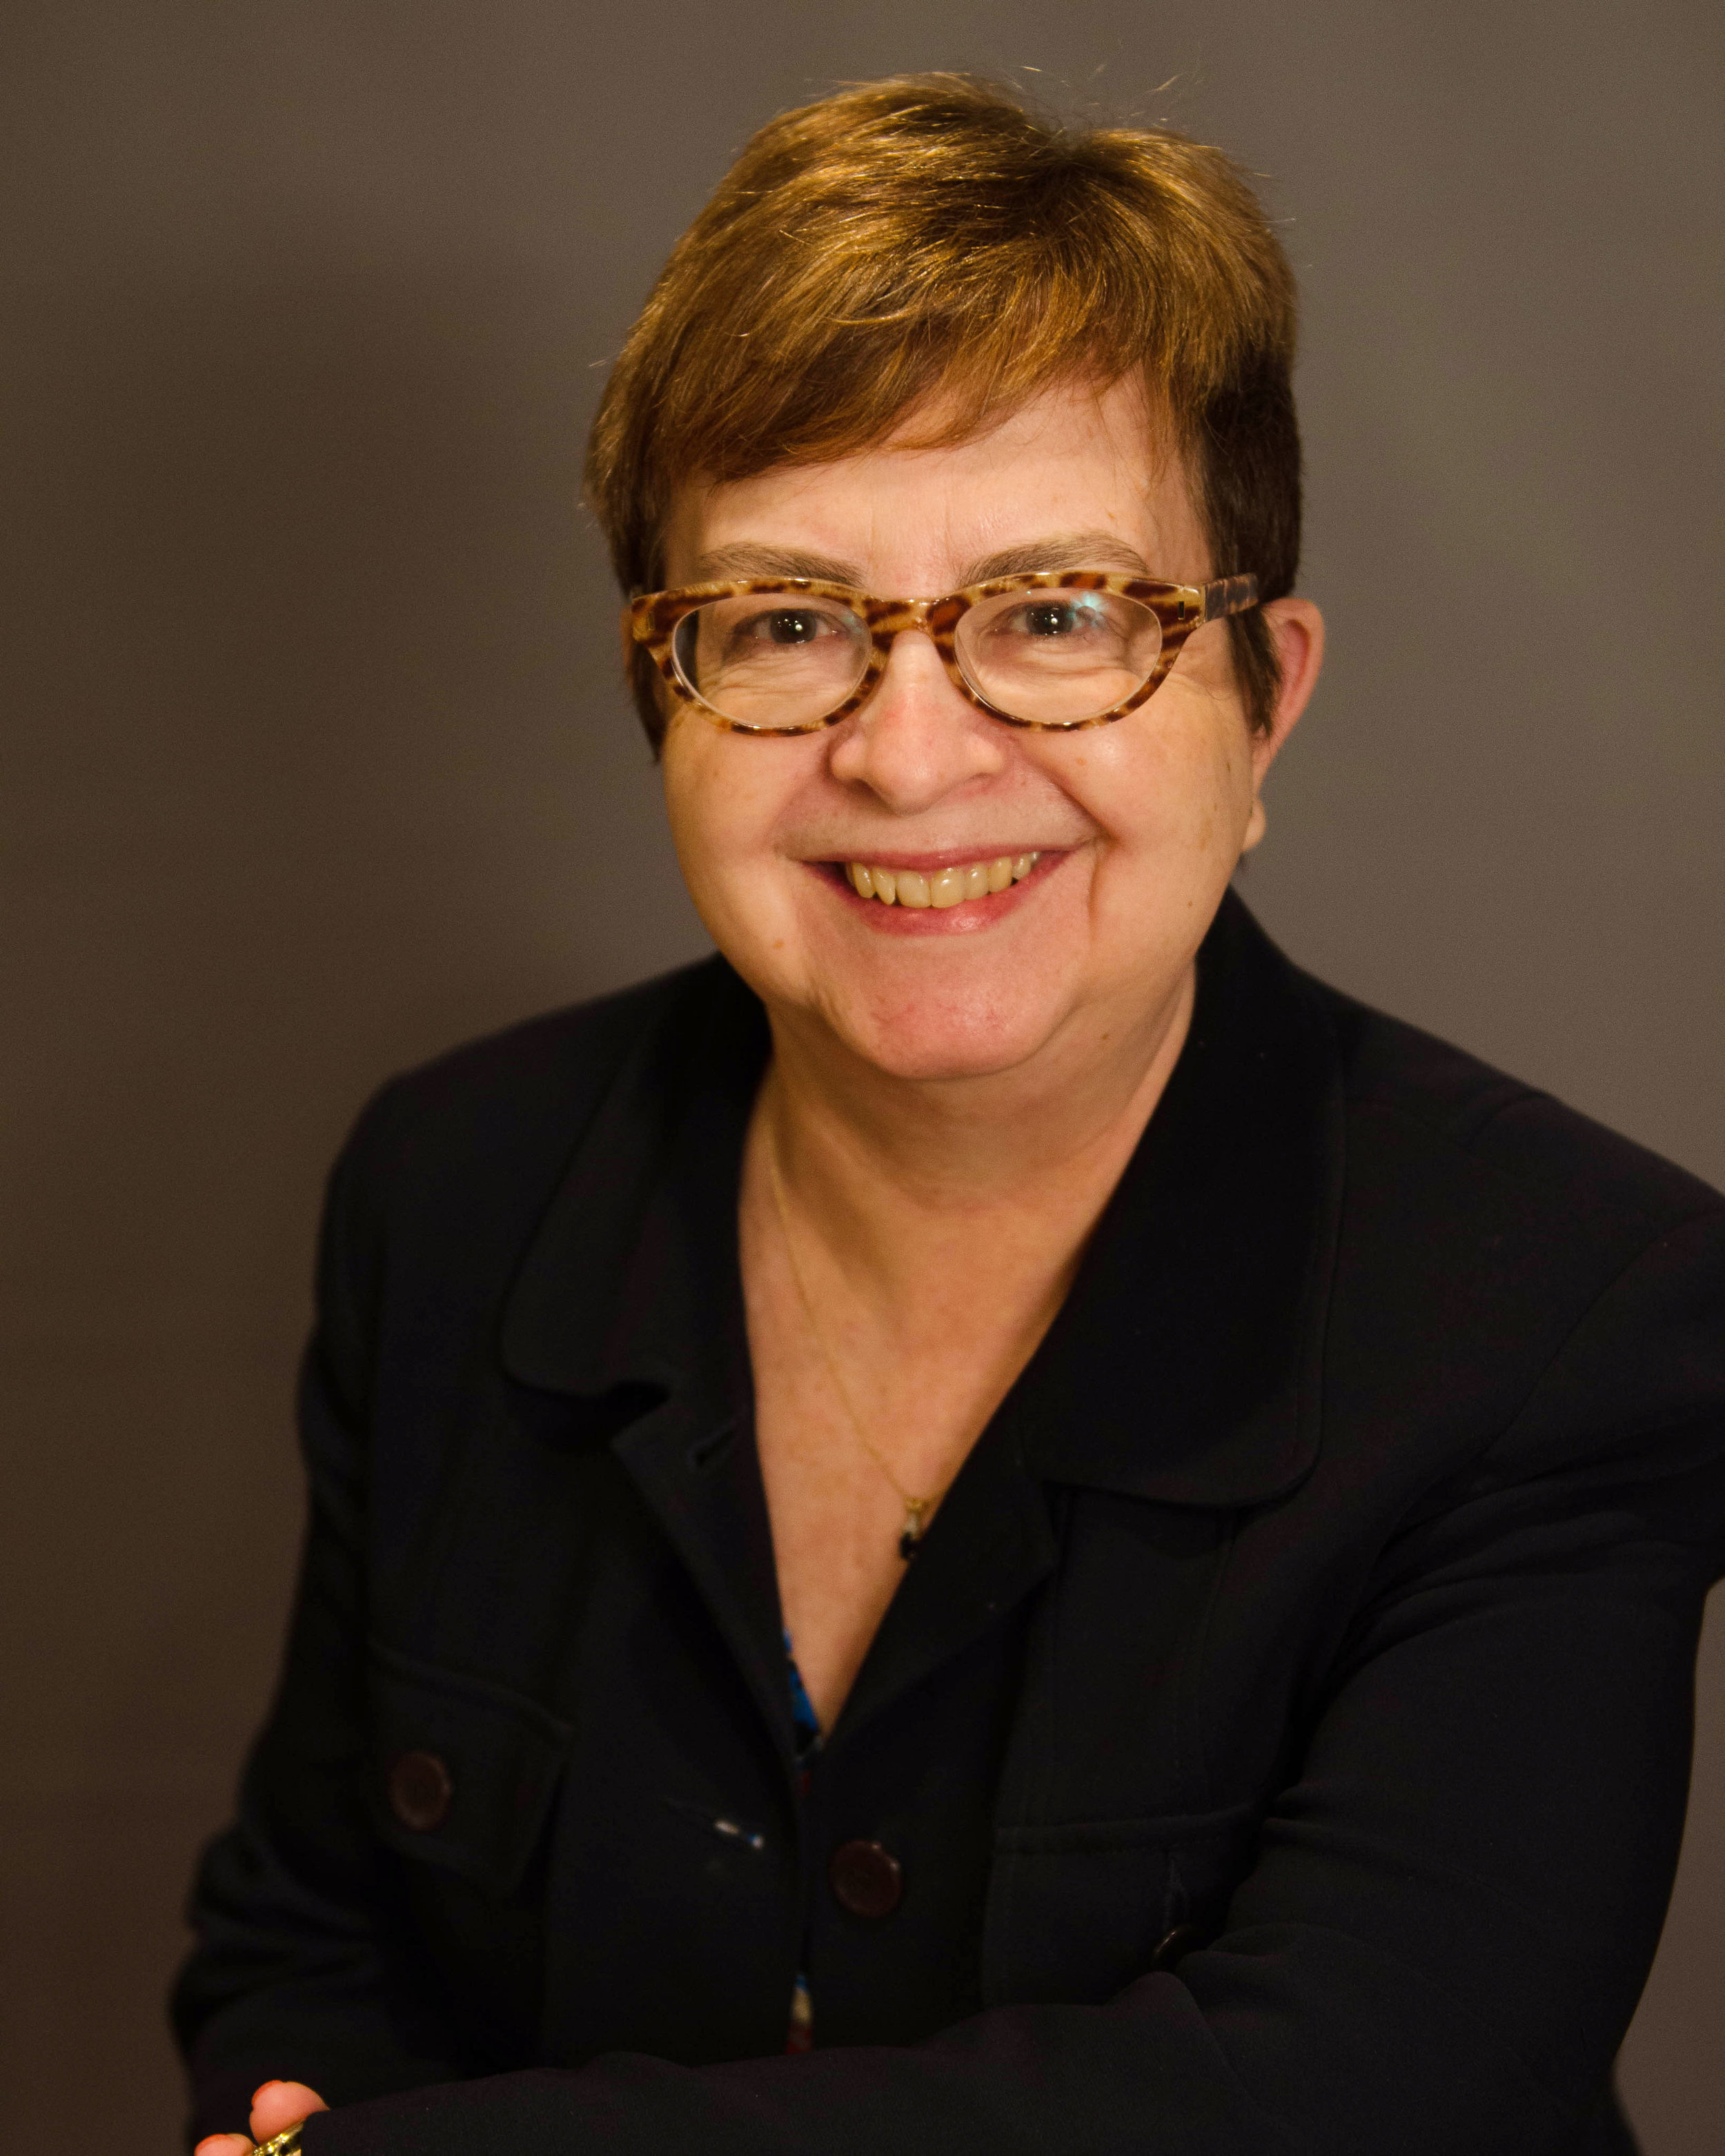 Merrilee Robson